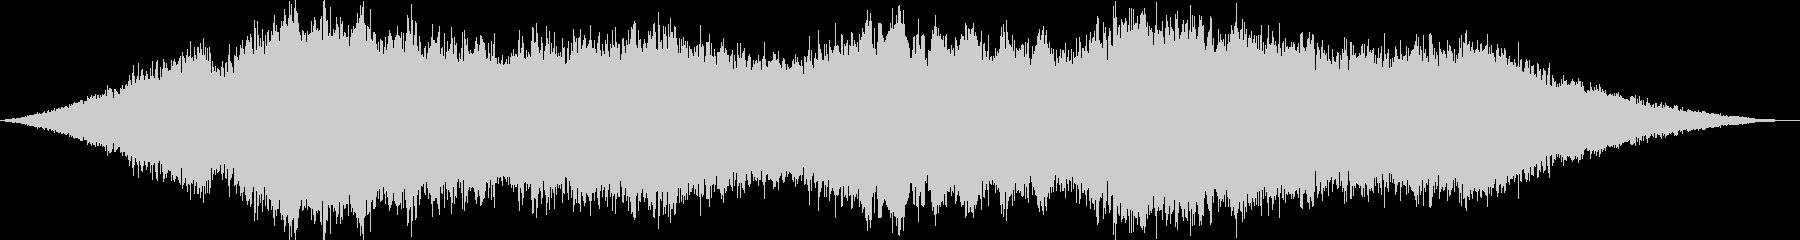 シネマティックドローン 01 アトムの未再生の波形